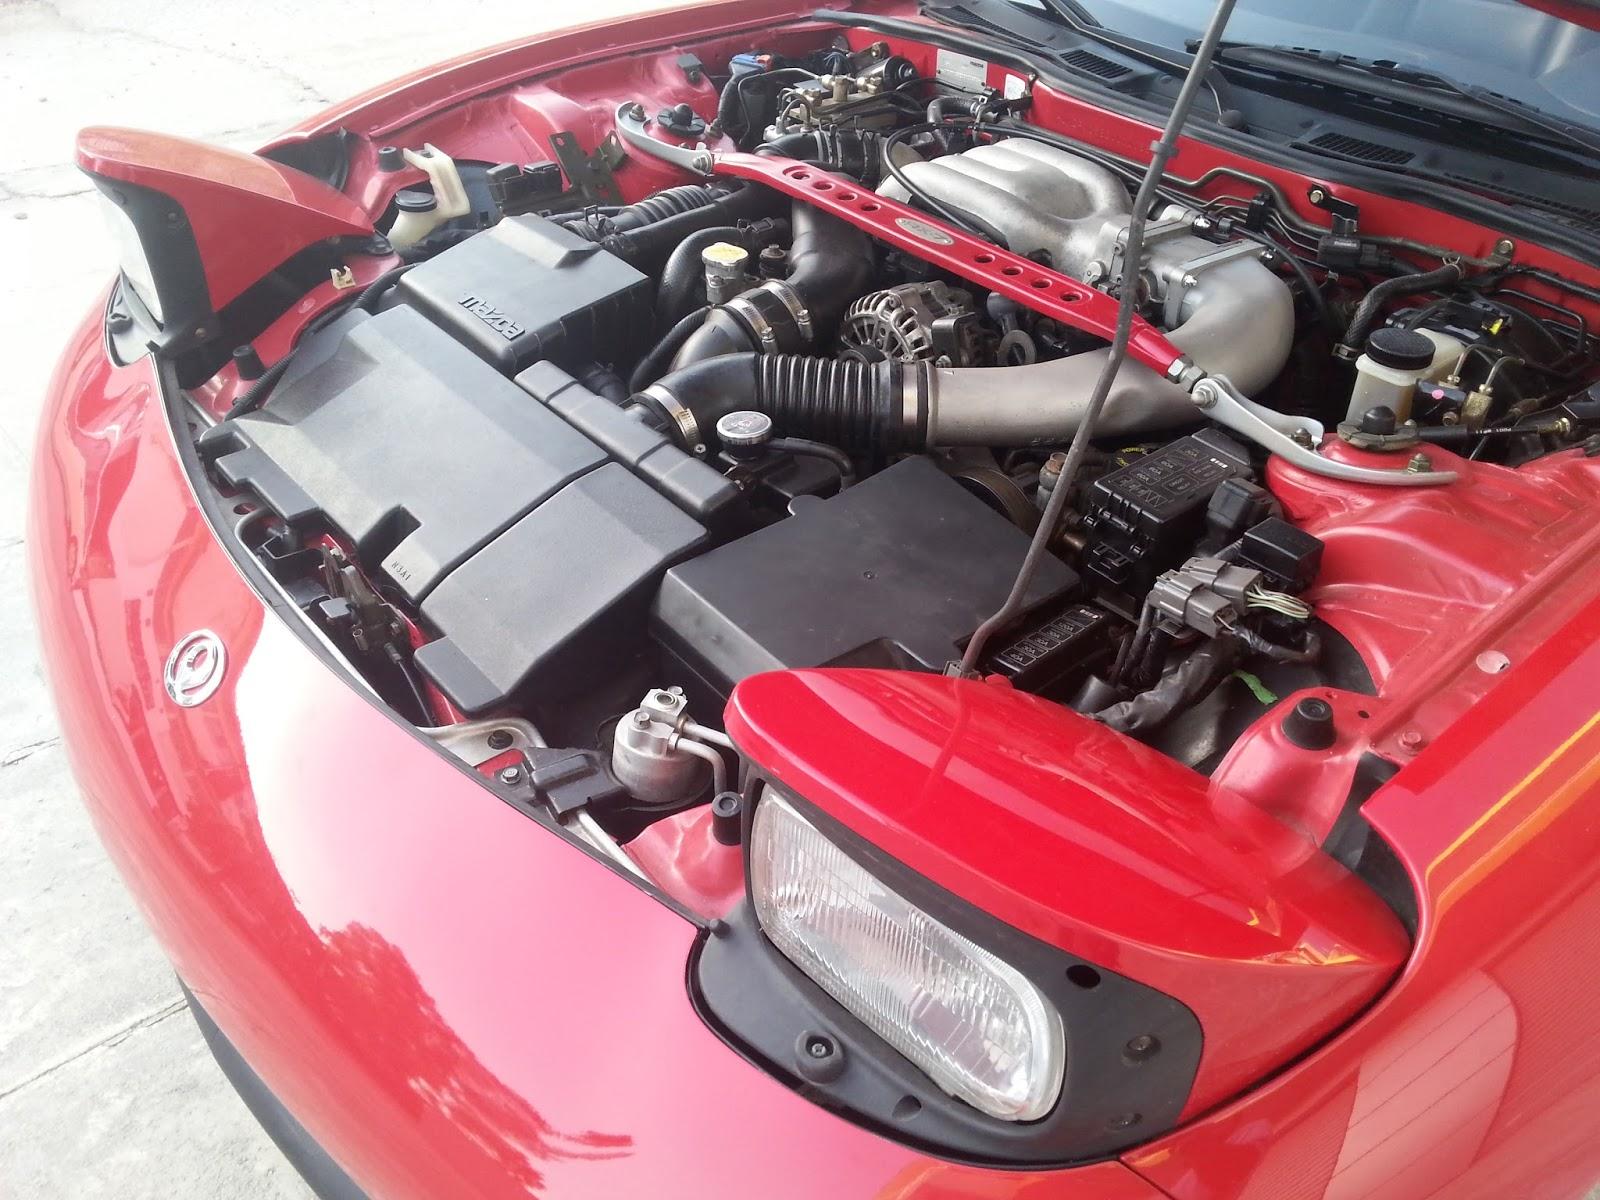 5 Όταν οδήγησα ένα καινούριο Mazda RX-7 Mazda, Mazda RX-7, TEST, zblog, αυτοκίνητα, ΔΟΚΙΜΕΣ, καινούρια, μεταχειρισμένα, οδηγούμε